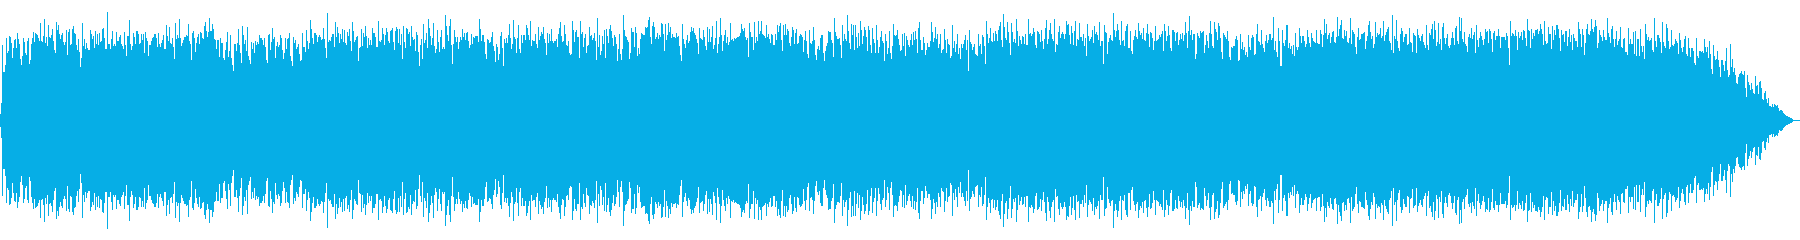 妖しい雰囲気の笛の音楽の再生済みの波形